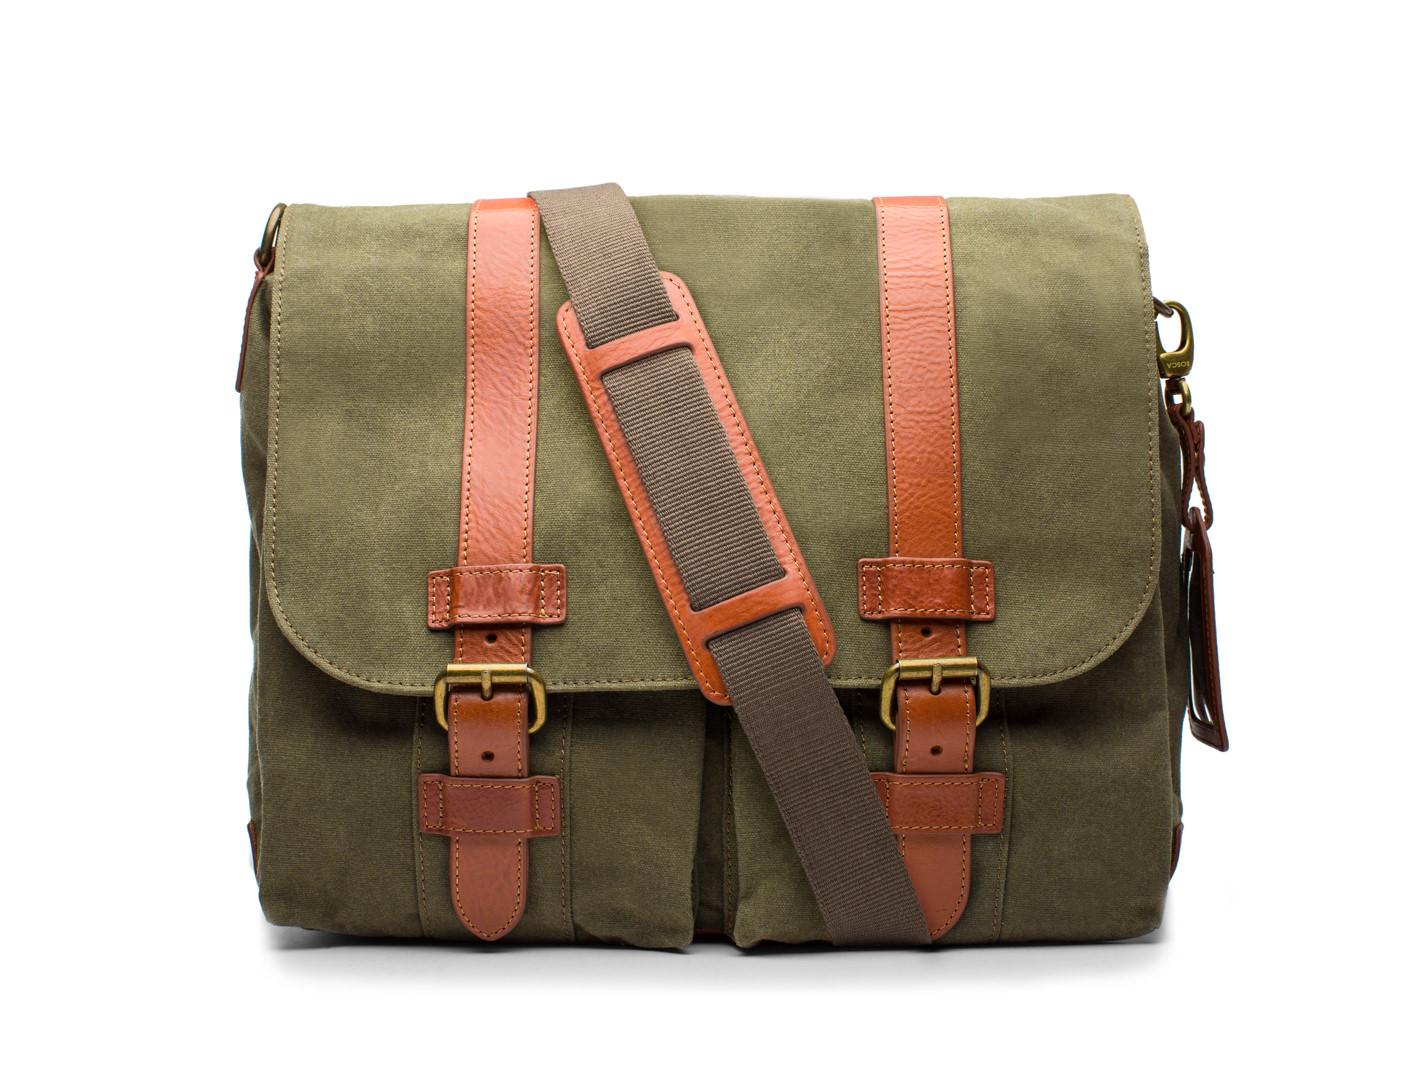 2 Pocket Mail Bag-394 Chestnut / Olive - 394 Chestnut / Olive